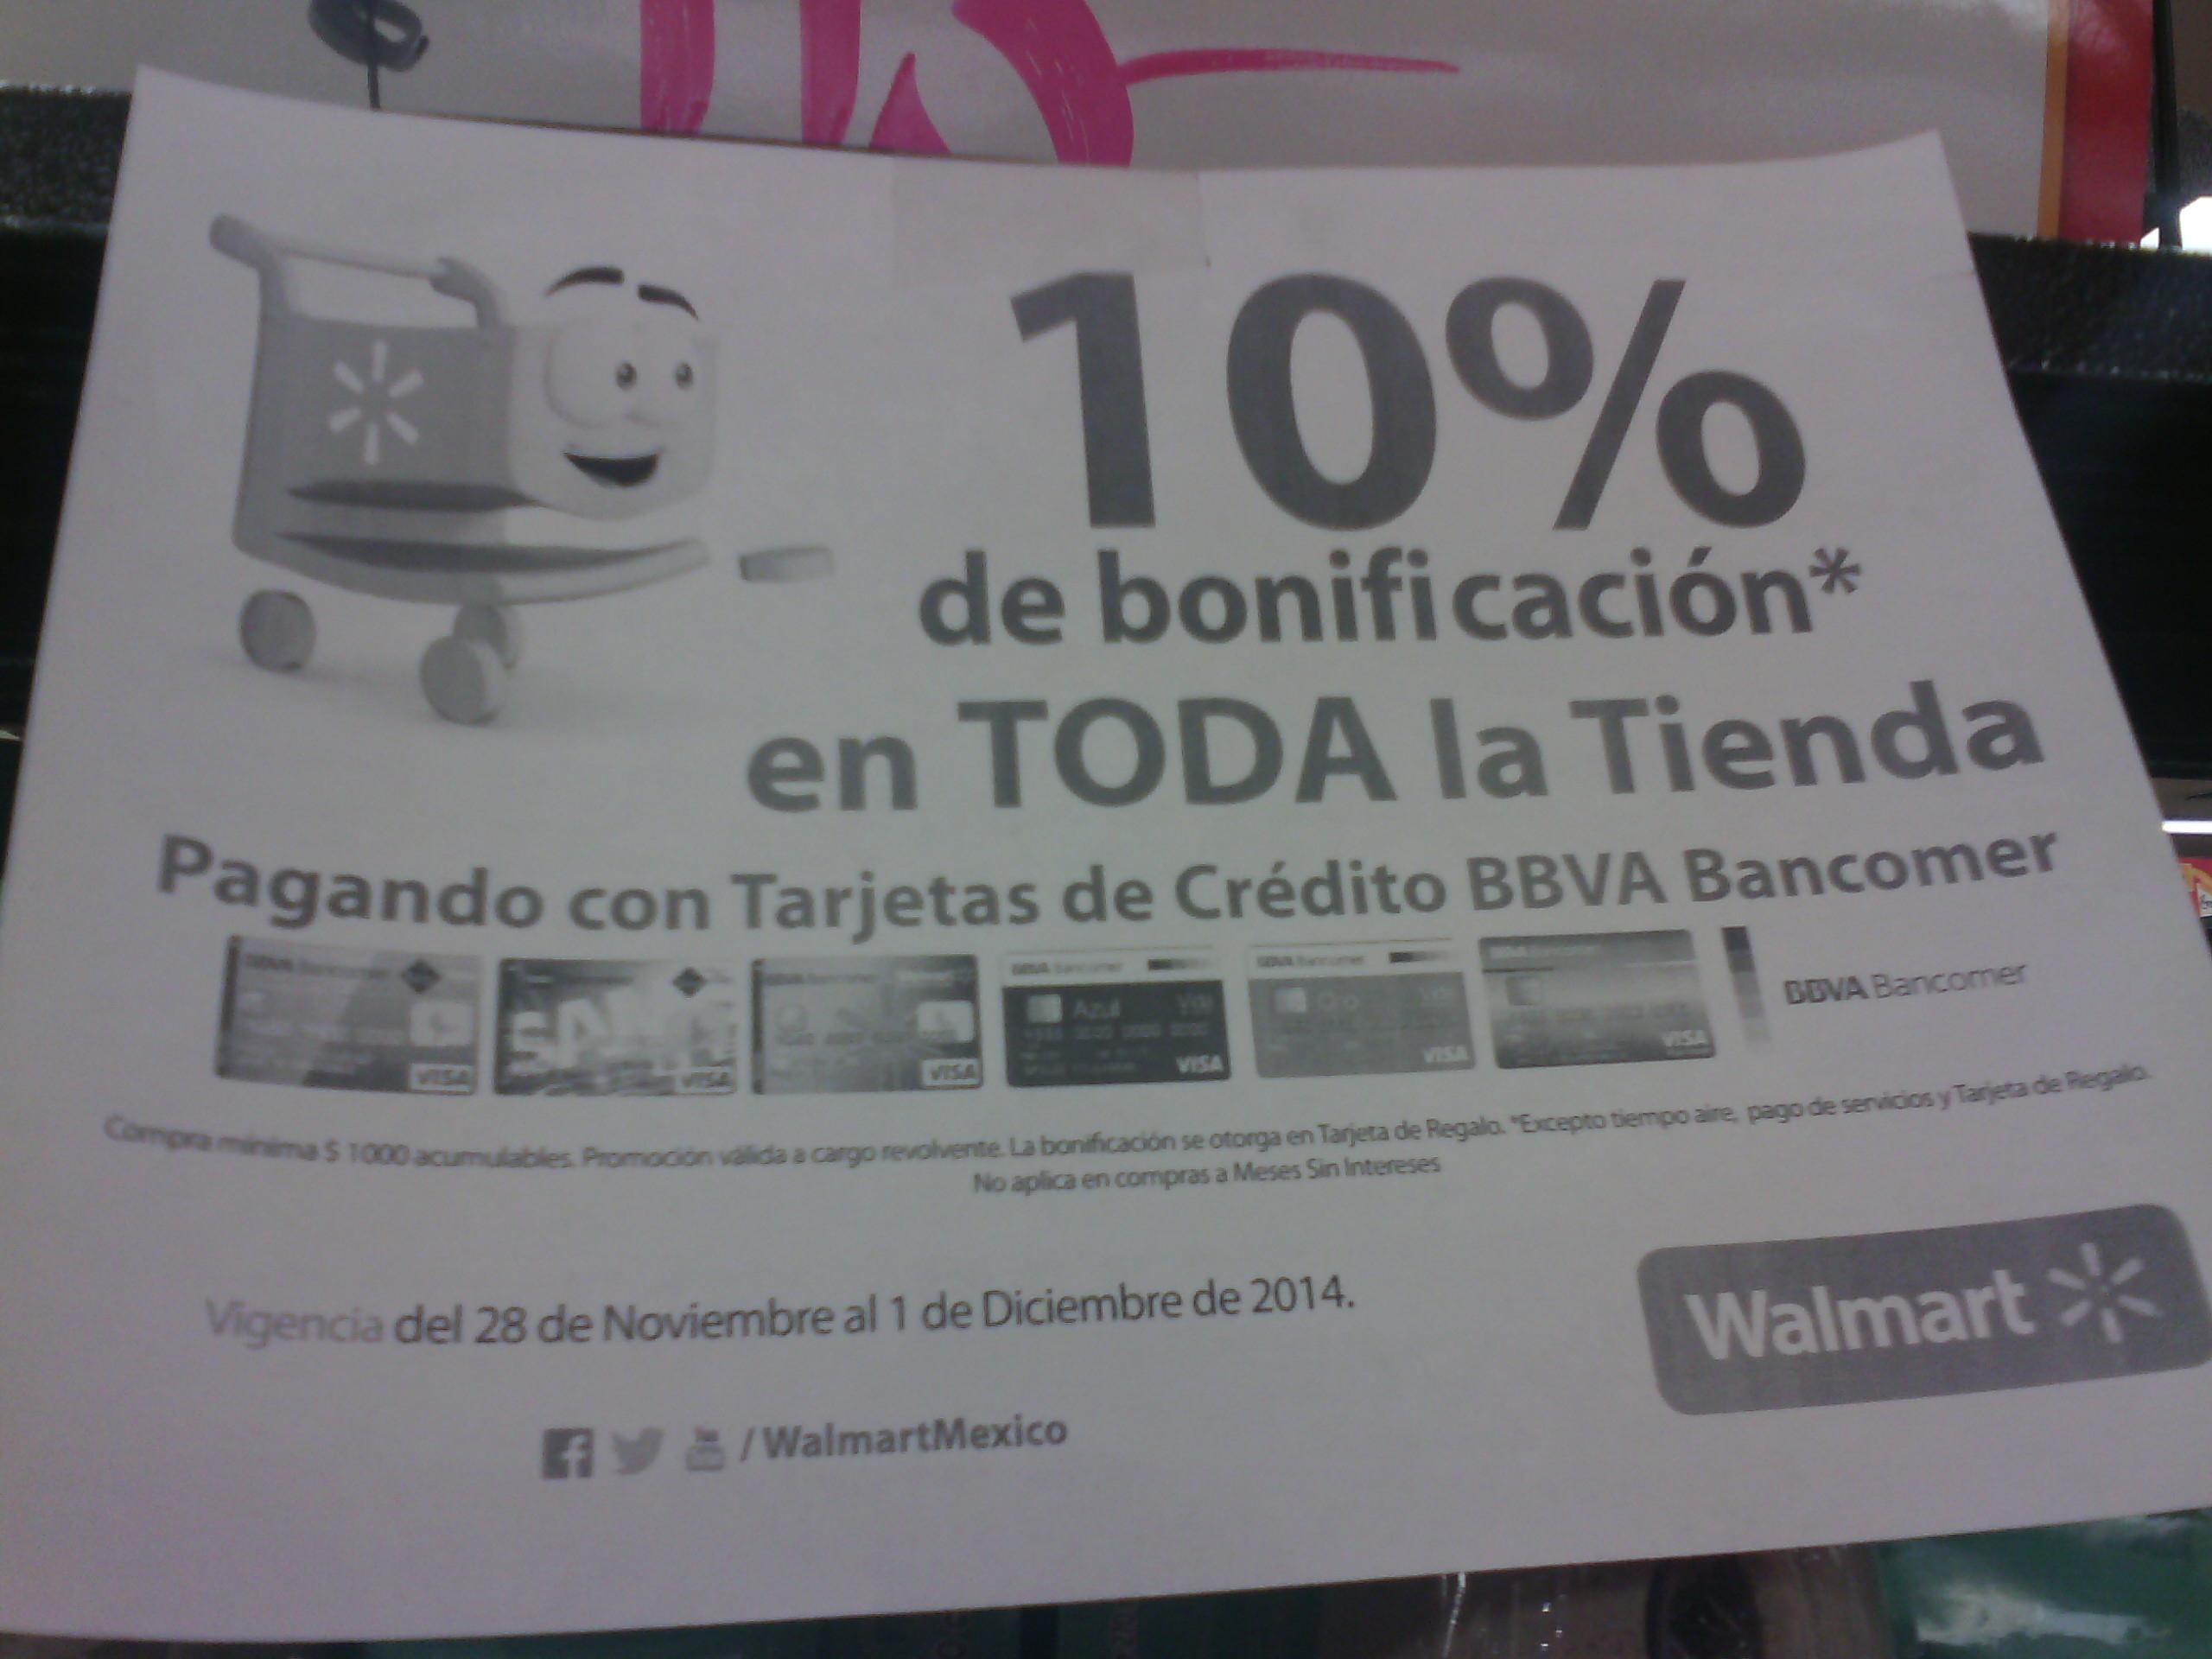 Walmart: 10% bonificación en toda la tienda con Bancomer